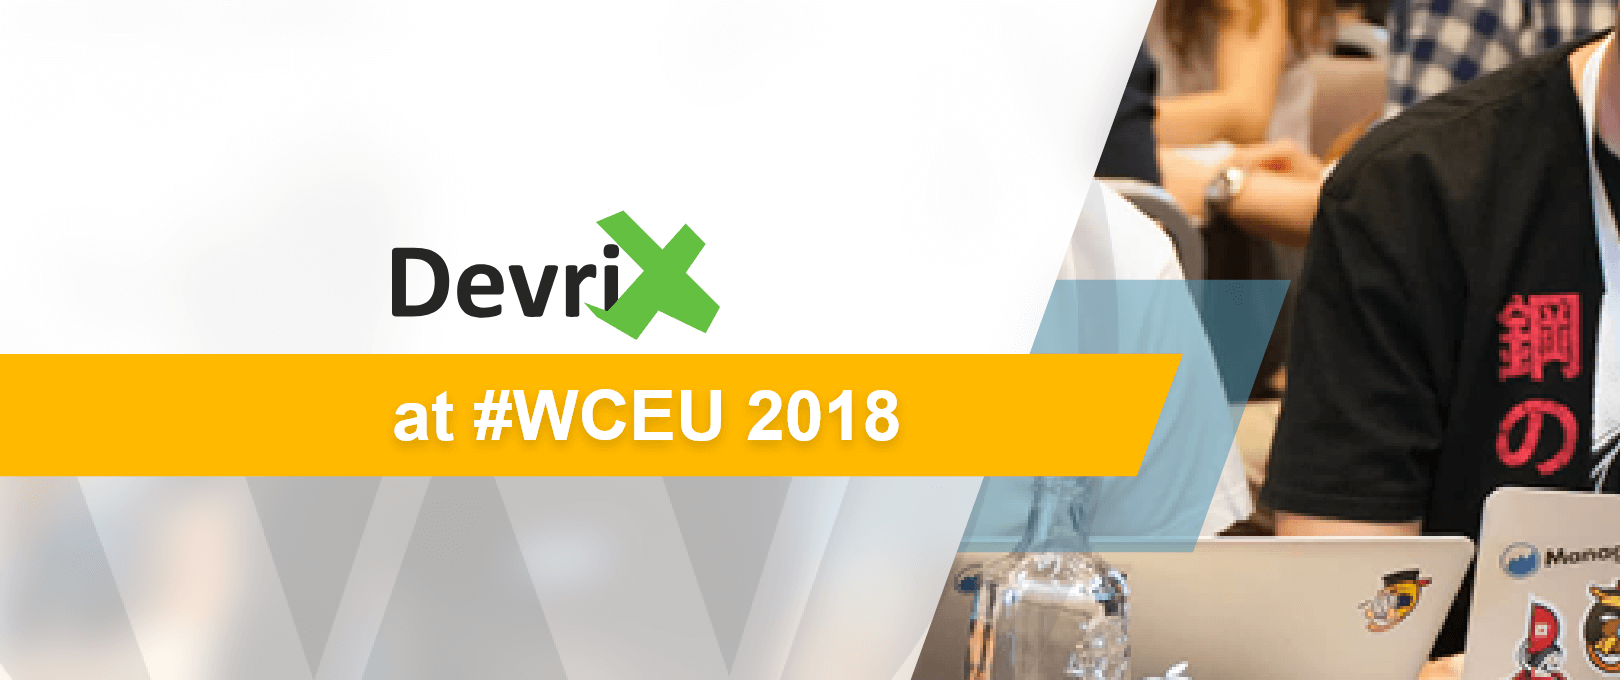 DevriX at WCEU 2018